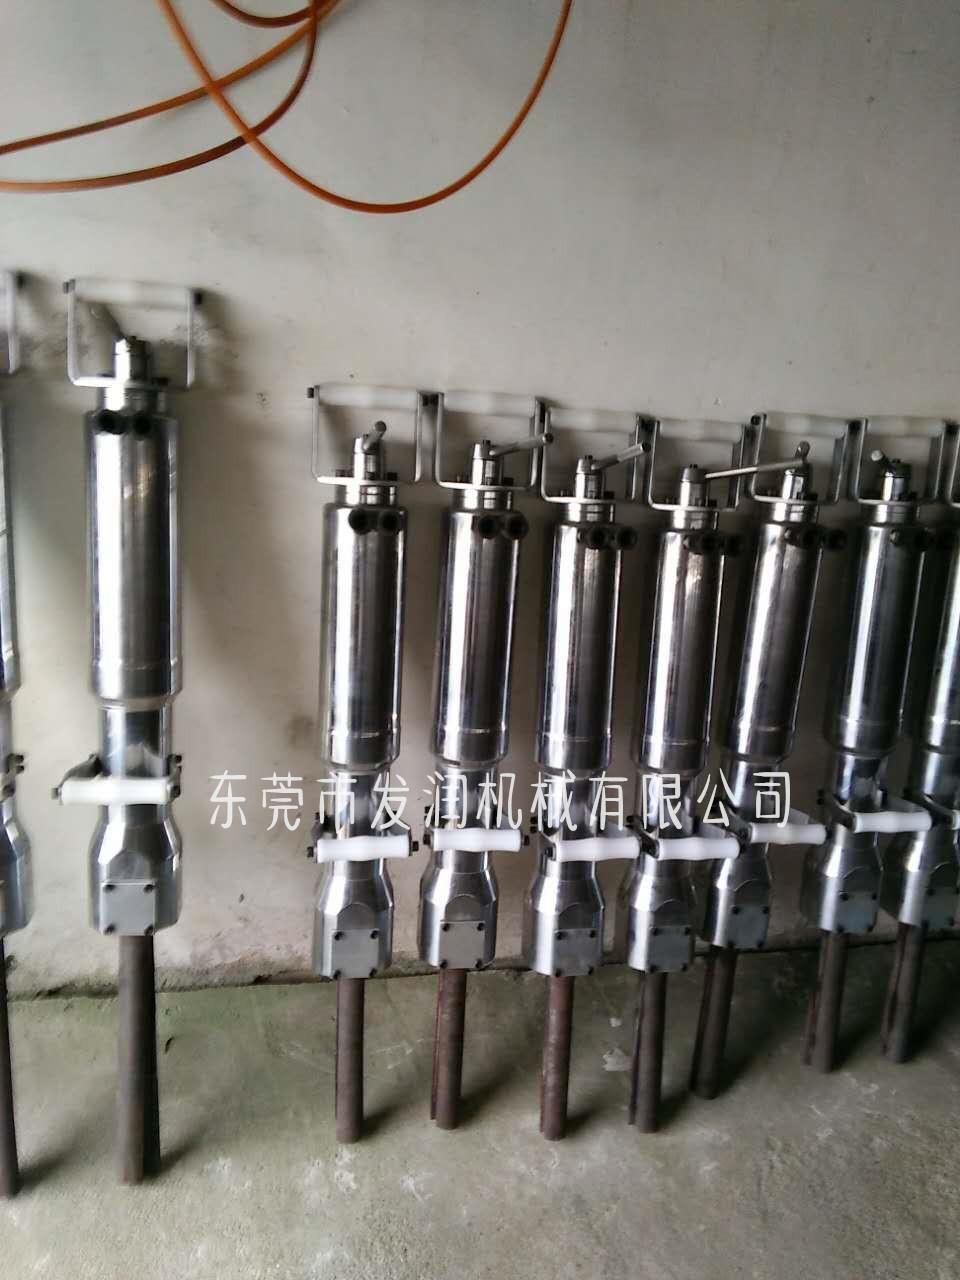 推薦:營口巖石液壓劈裂機配件劈塊斜器一套多少錢